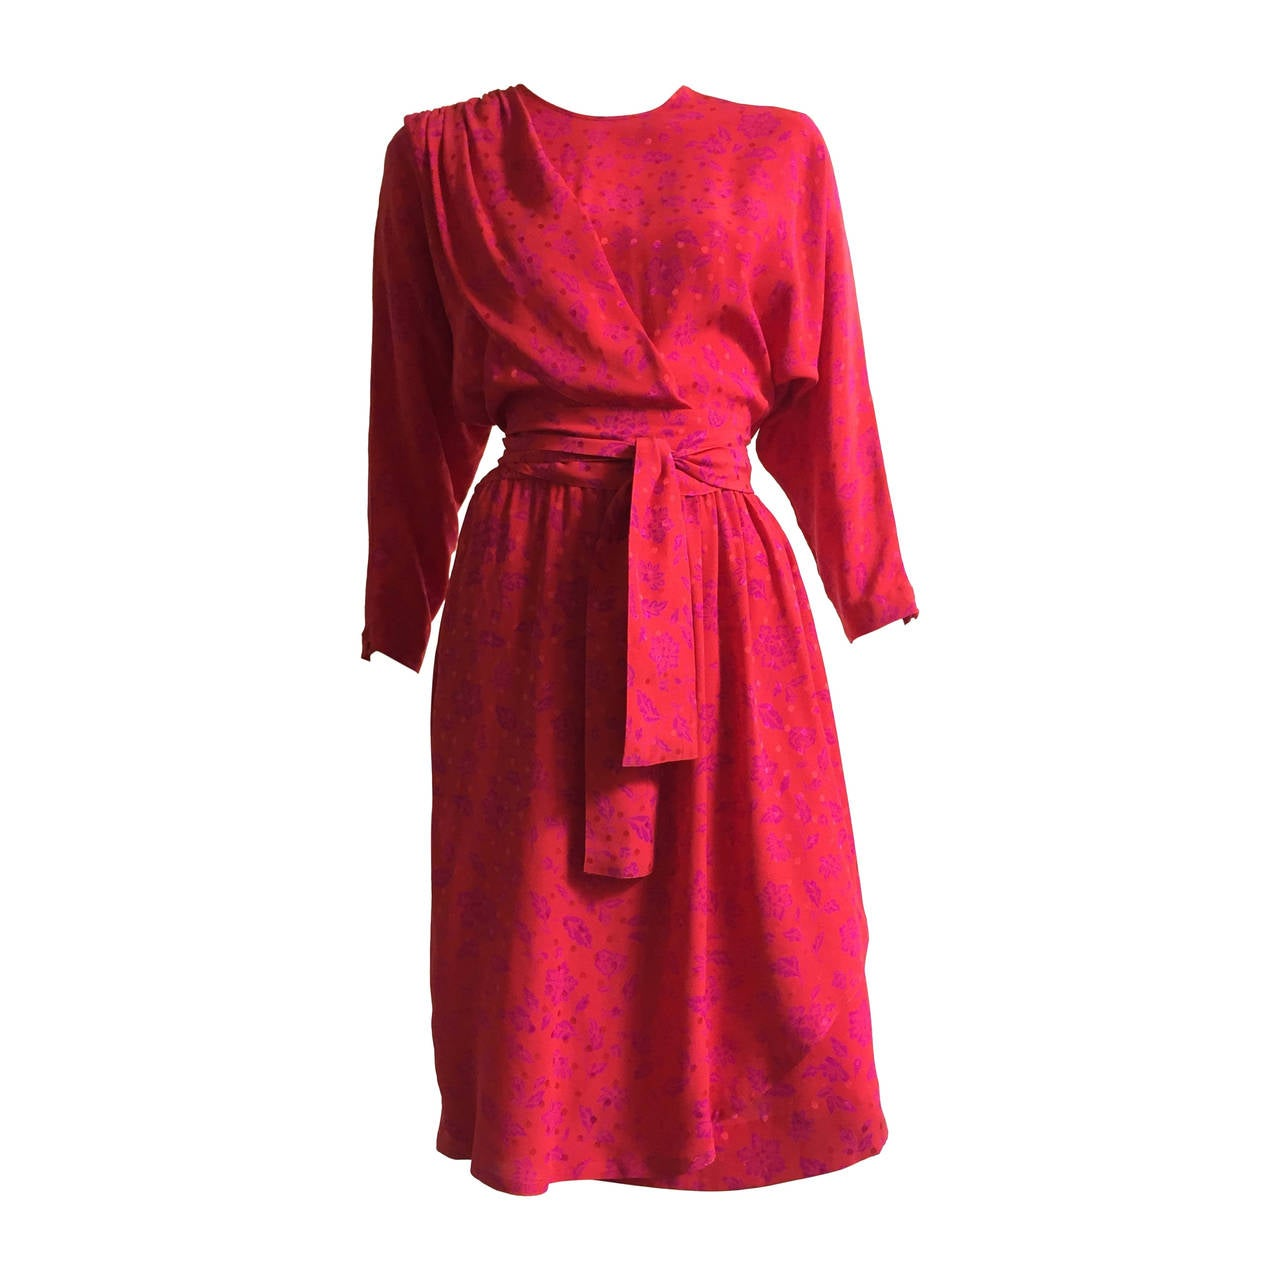 Guy Laroche 70s Silk Dress With Pockets Size 10.